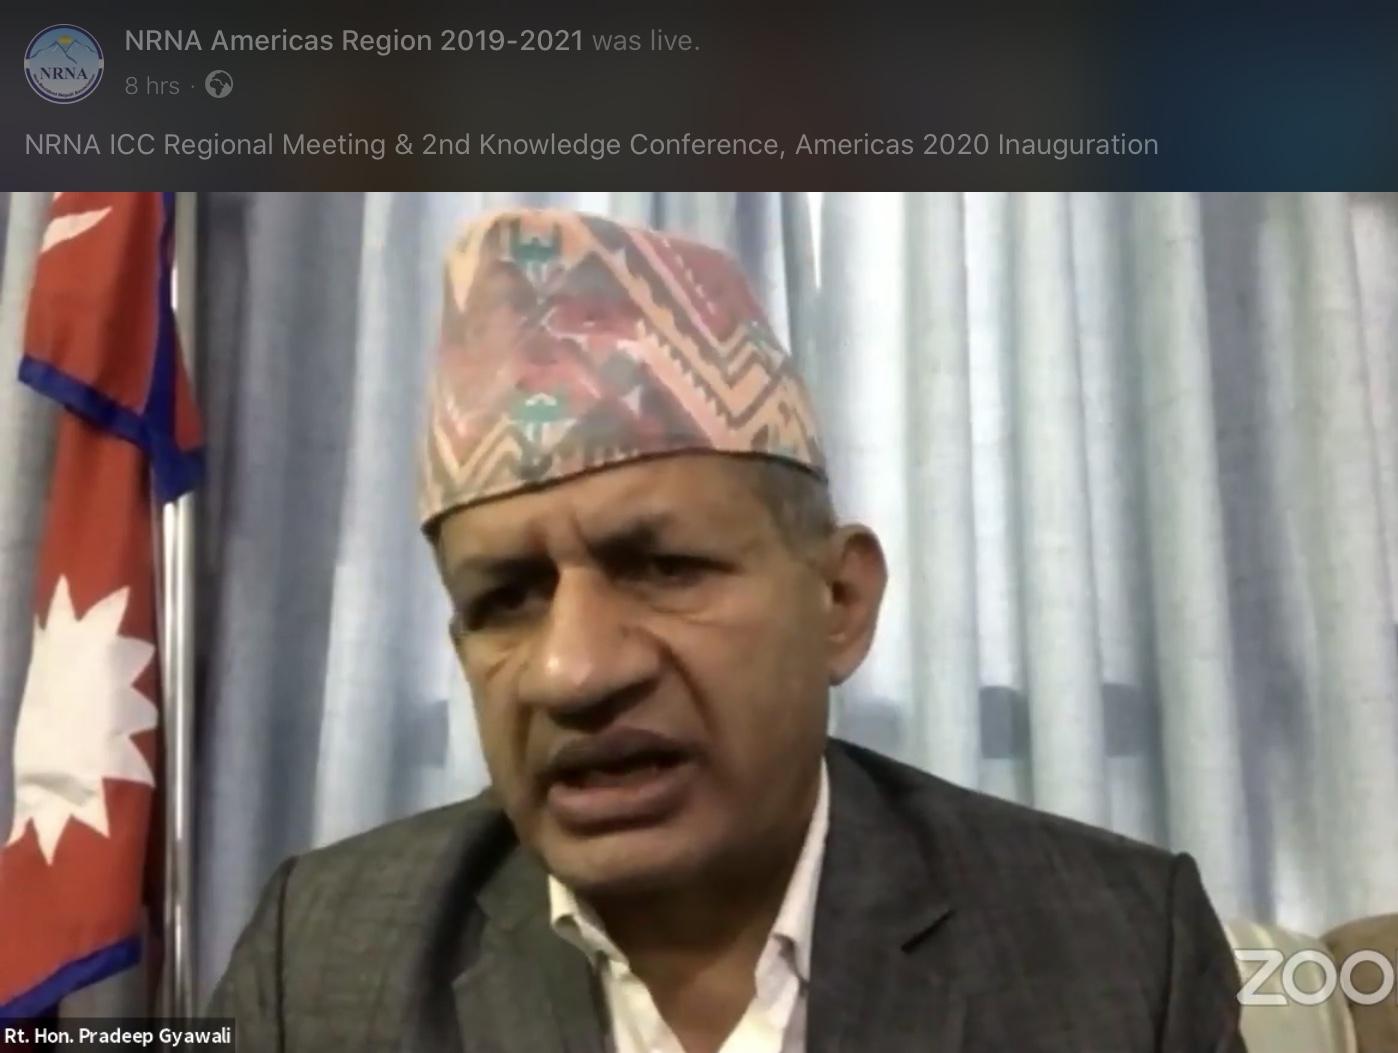 एनआरएनलाई परराष्ट्रमन्त्री ज्ञवालीको आग्रह, 'नेपालको राजनीतिक विषयमा बढ्दा तरंगित नहुनु होस'